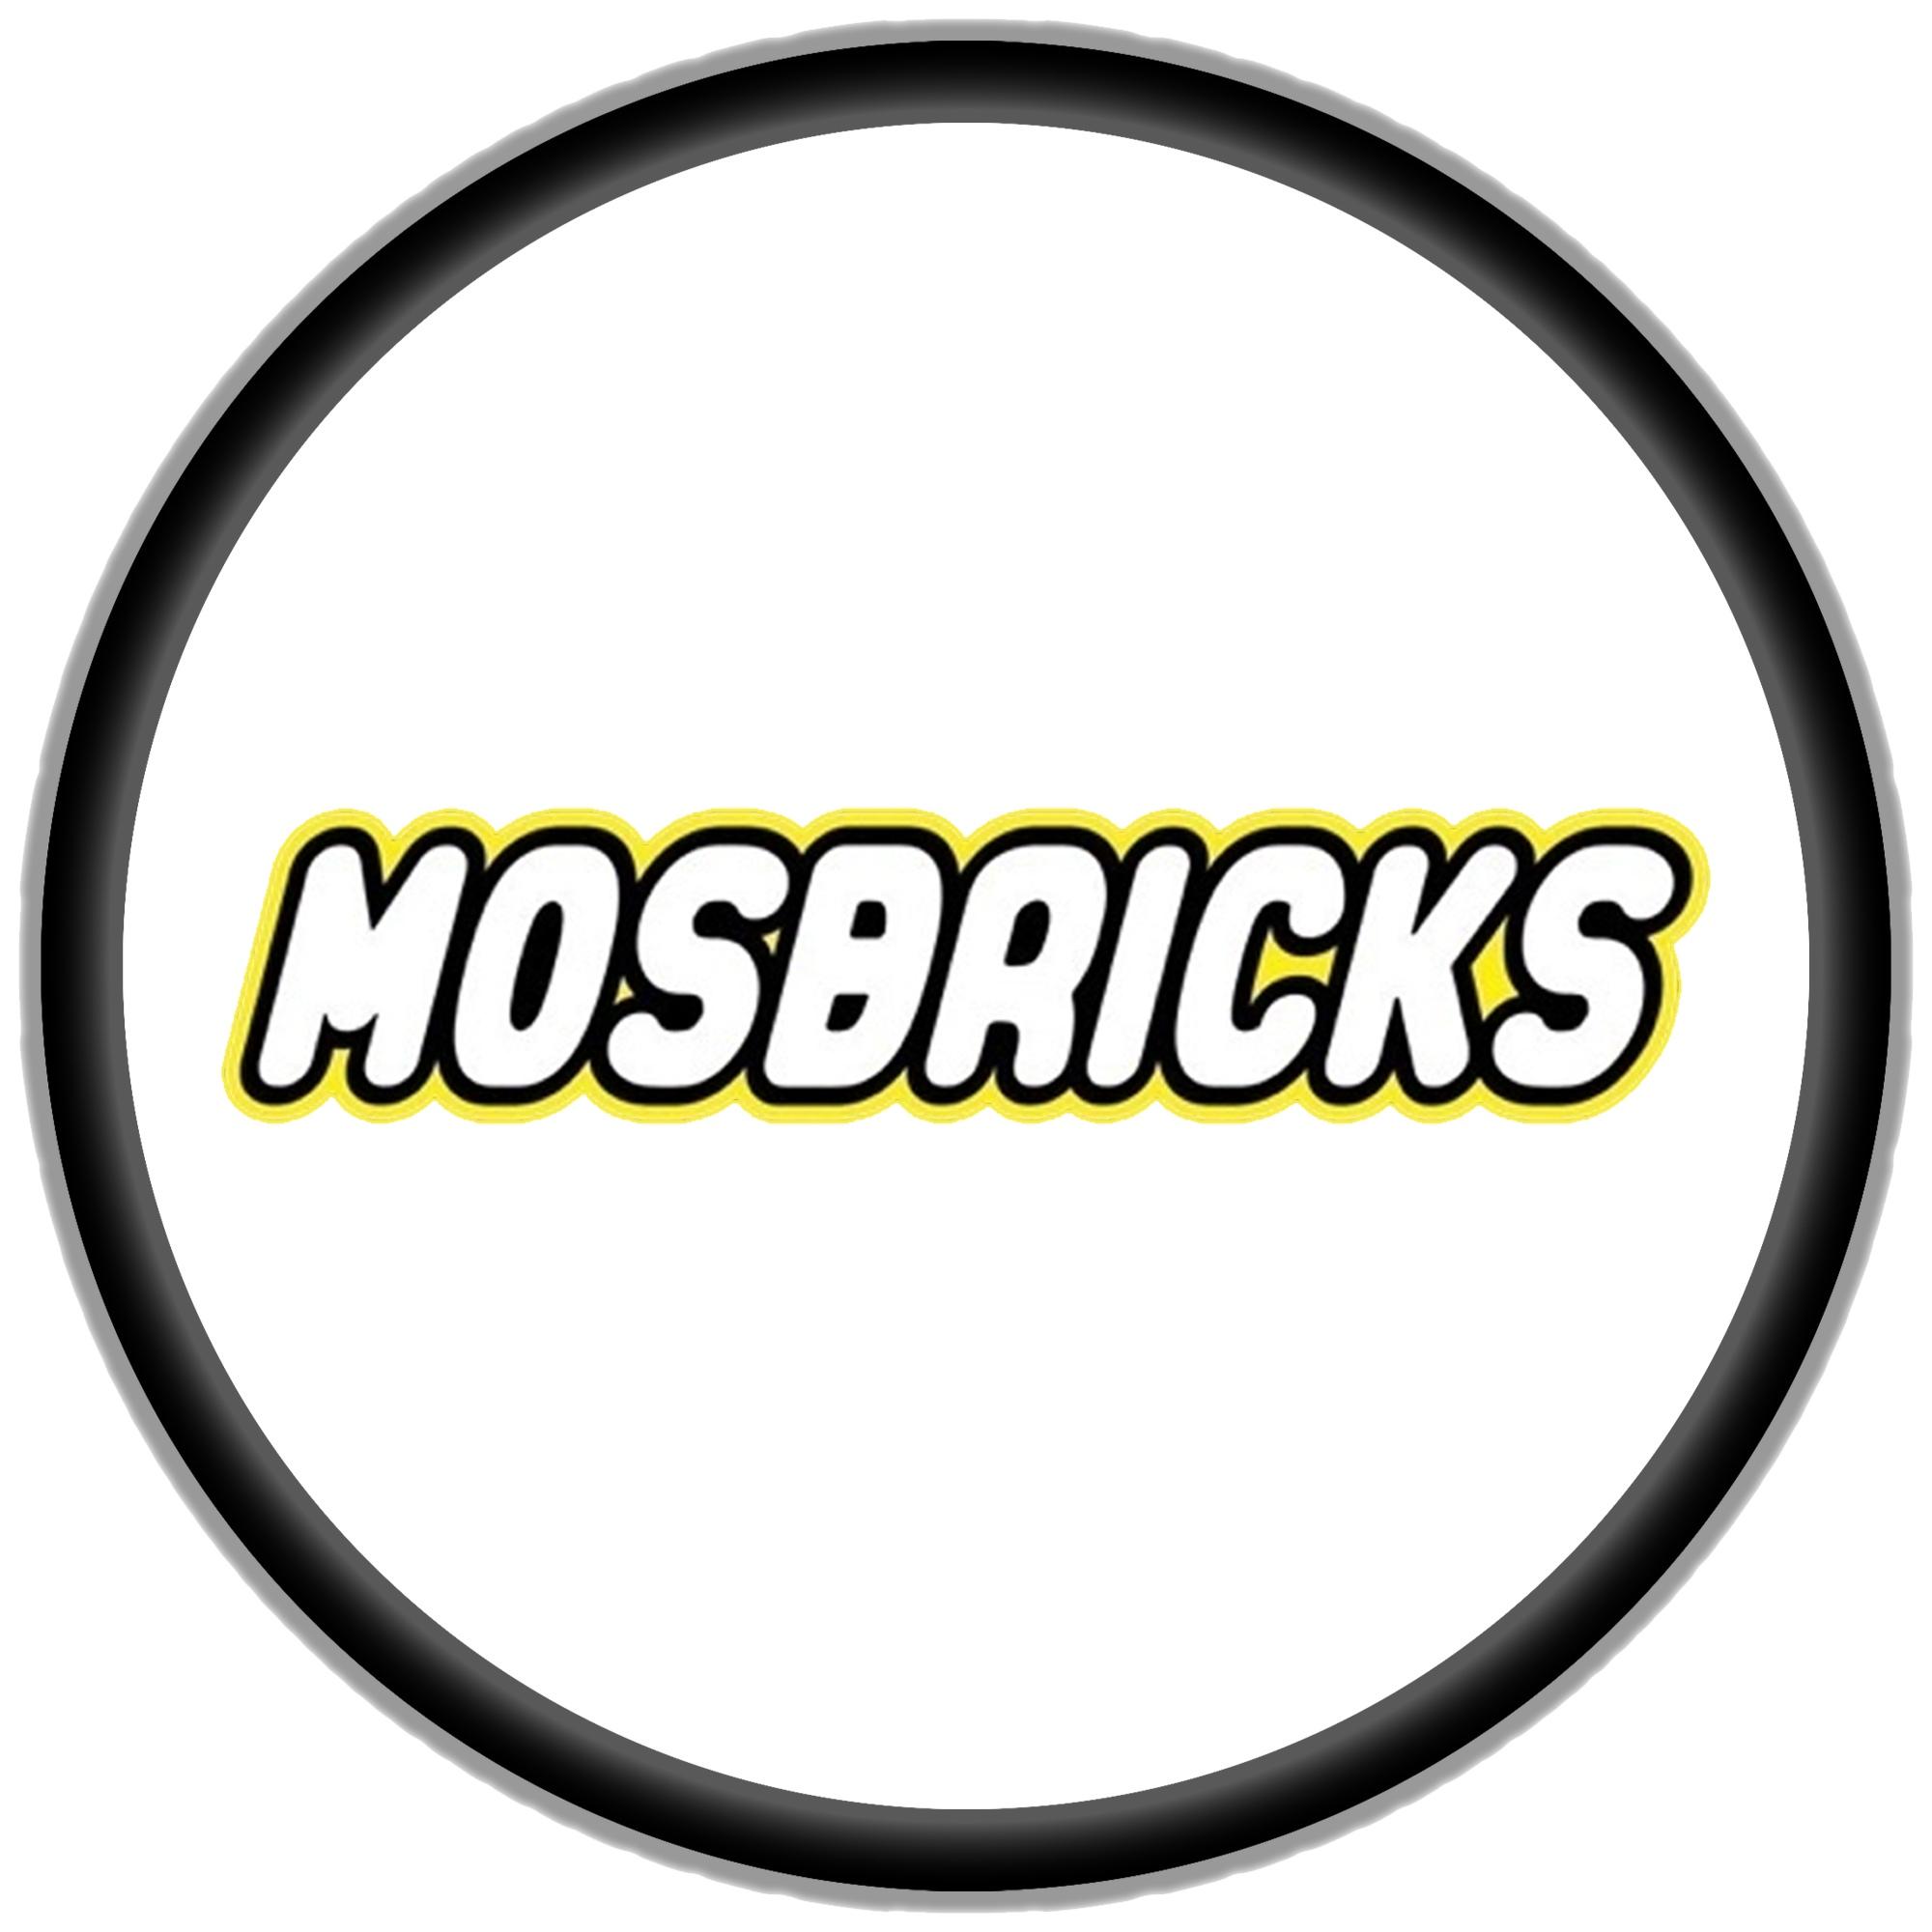 mosbricks